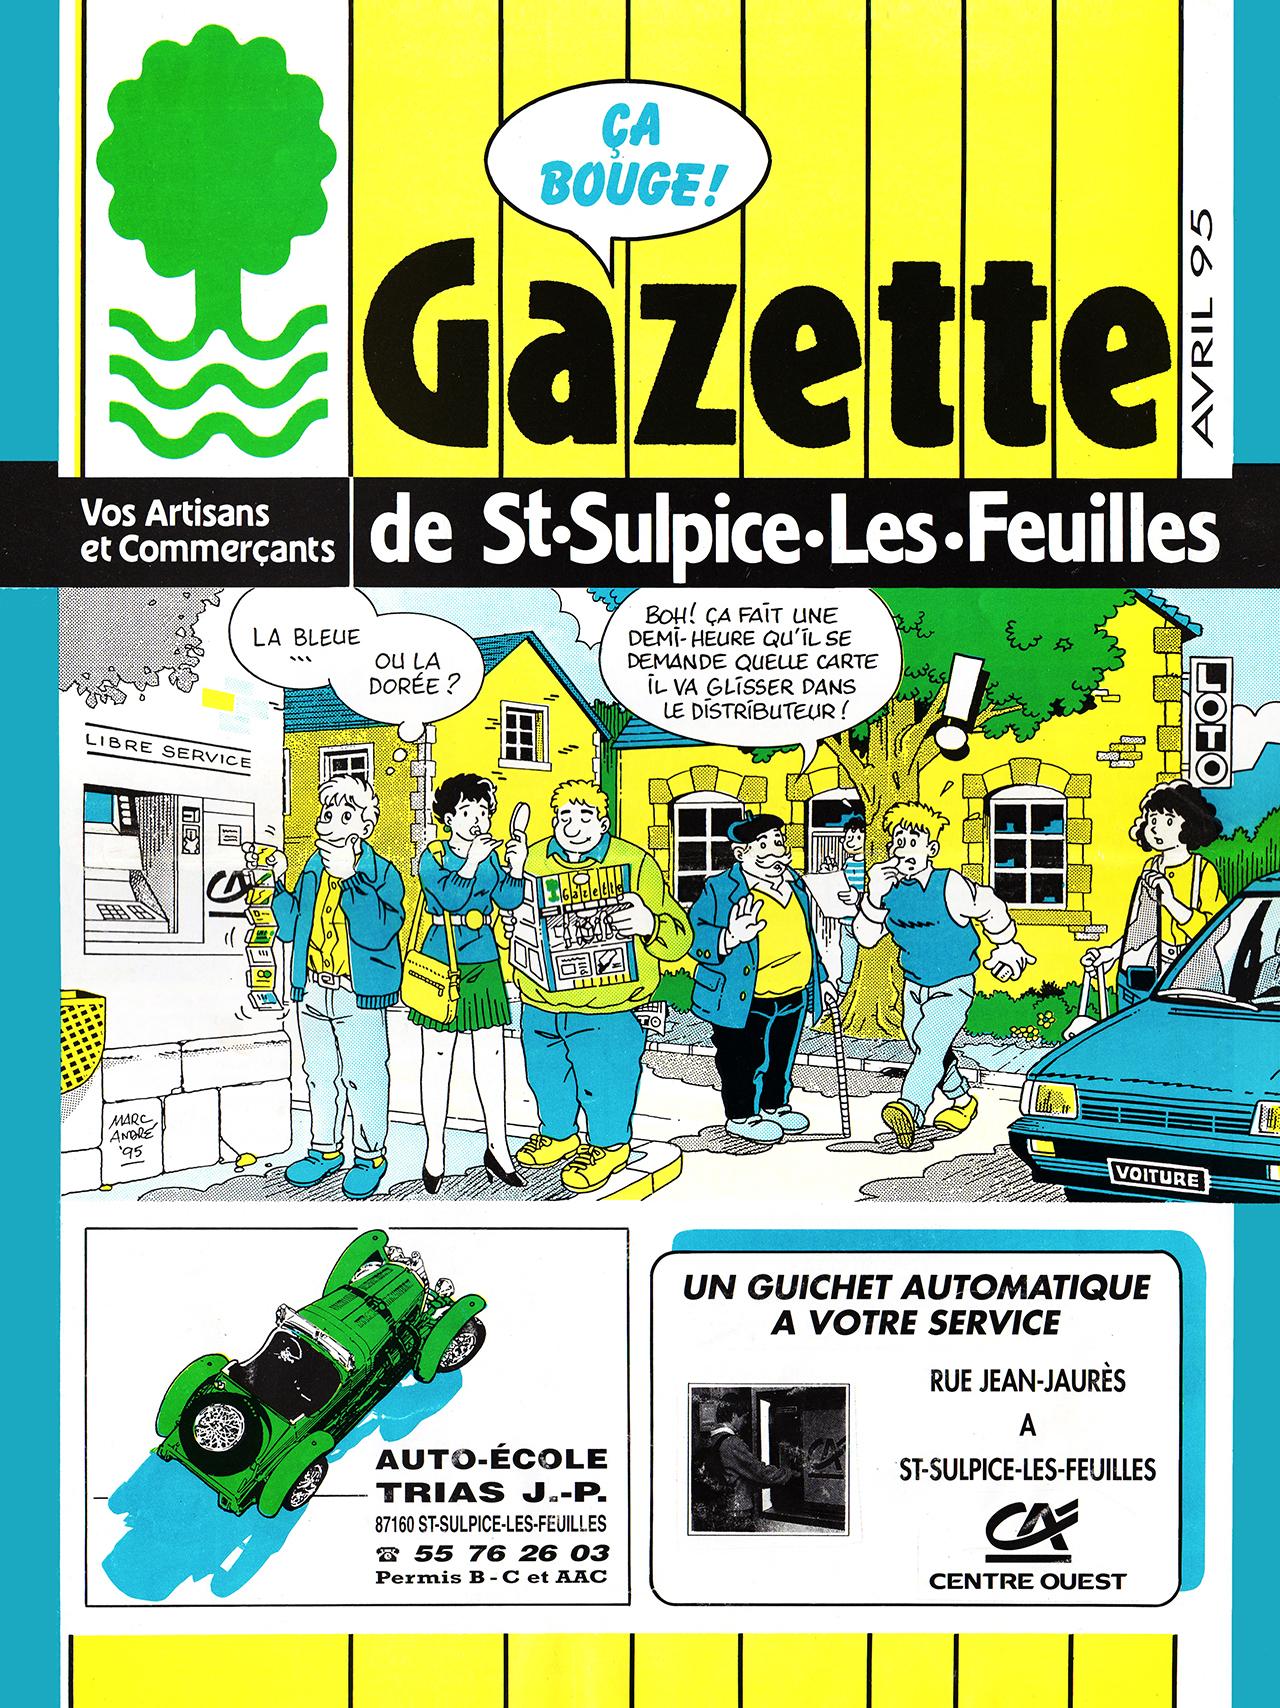 Gazette de Saint-Sulpice-Les-Feuilles-1989-95 numéro 9 et dernier